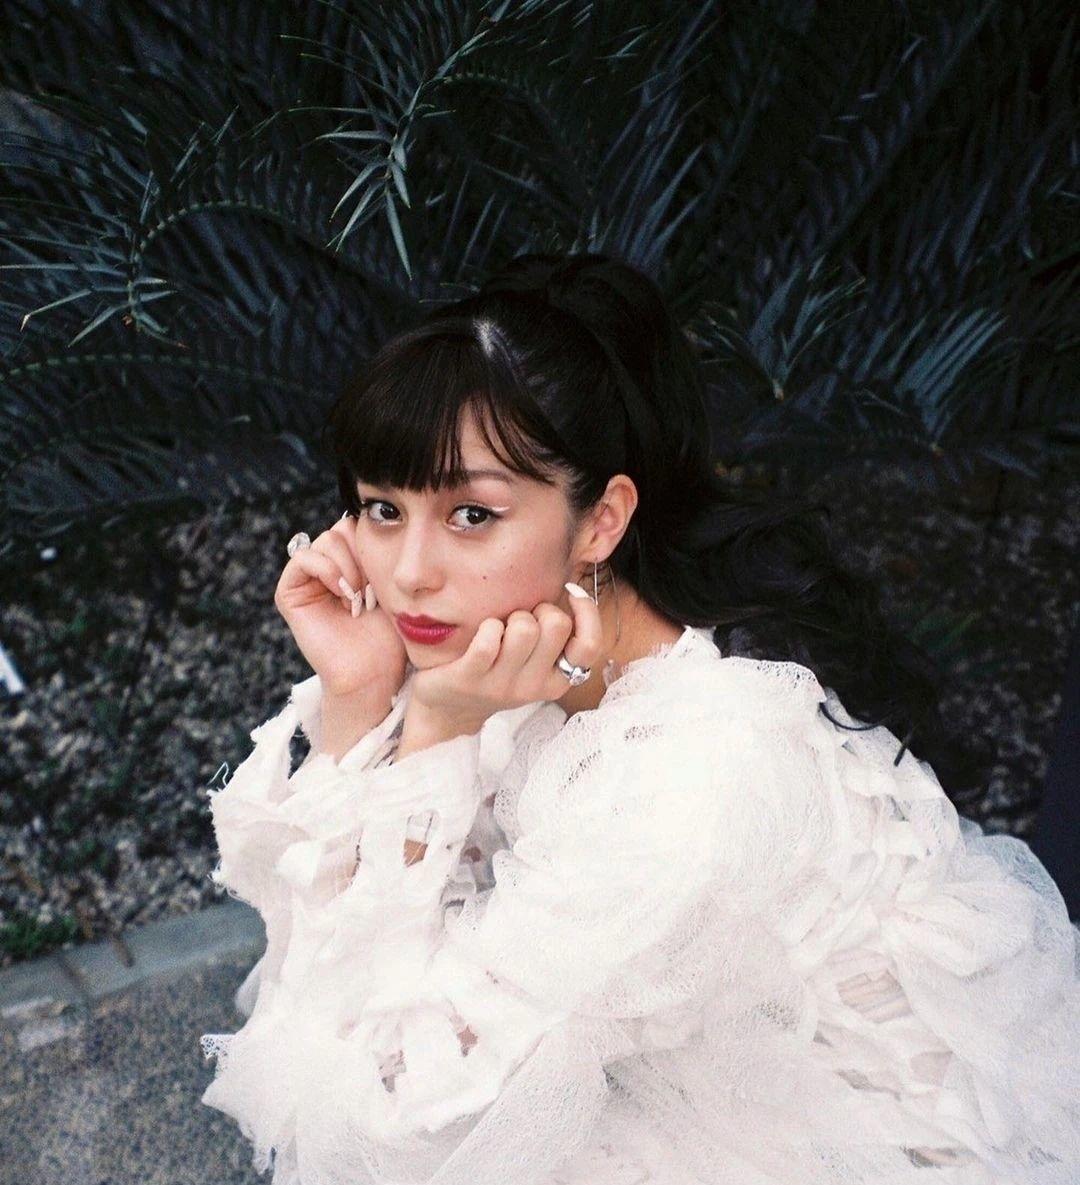 女性最想要的混血颜并且有彩妆种草机之称的中条彩未写真作品 (53)